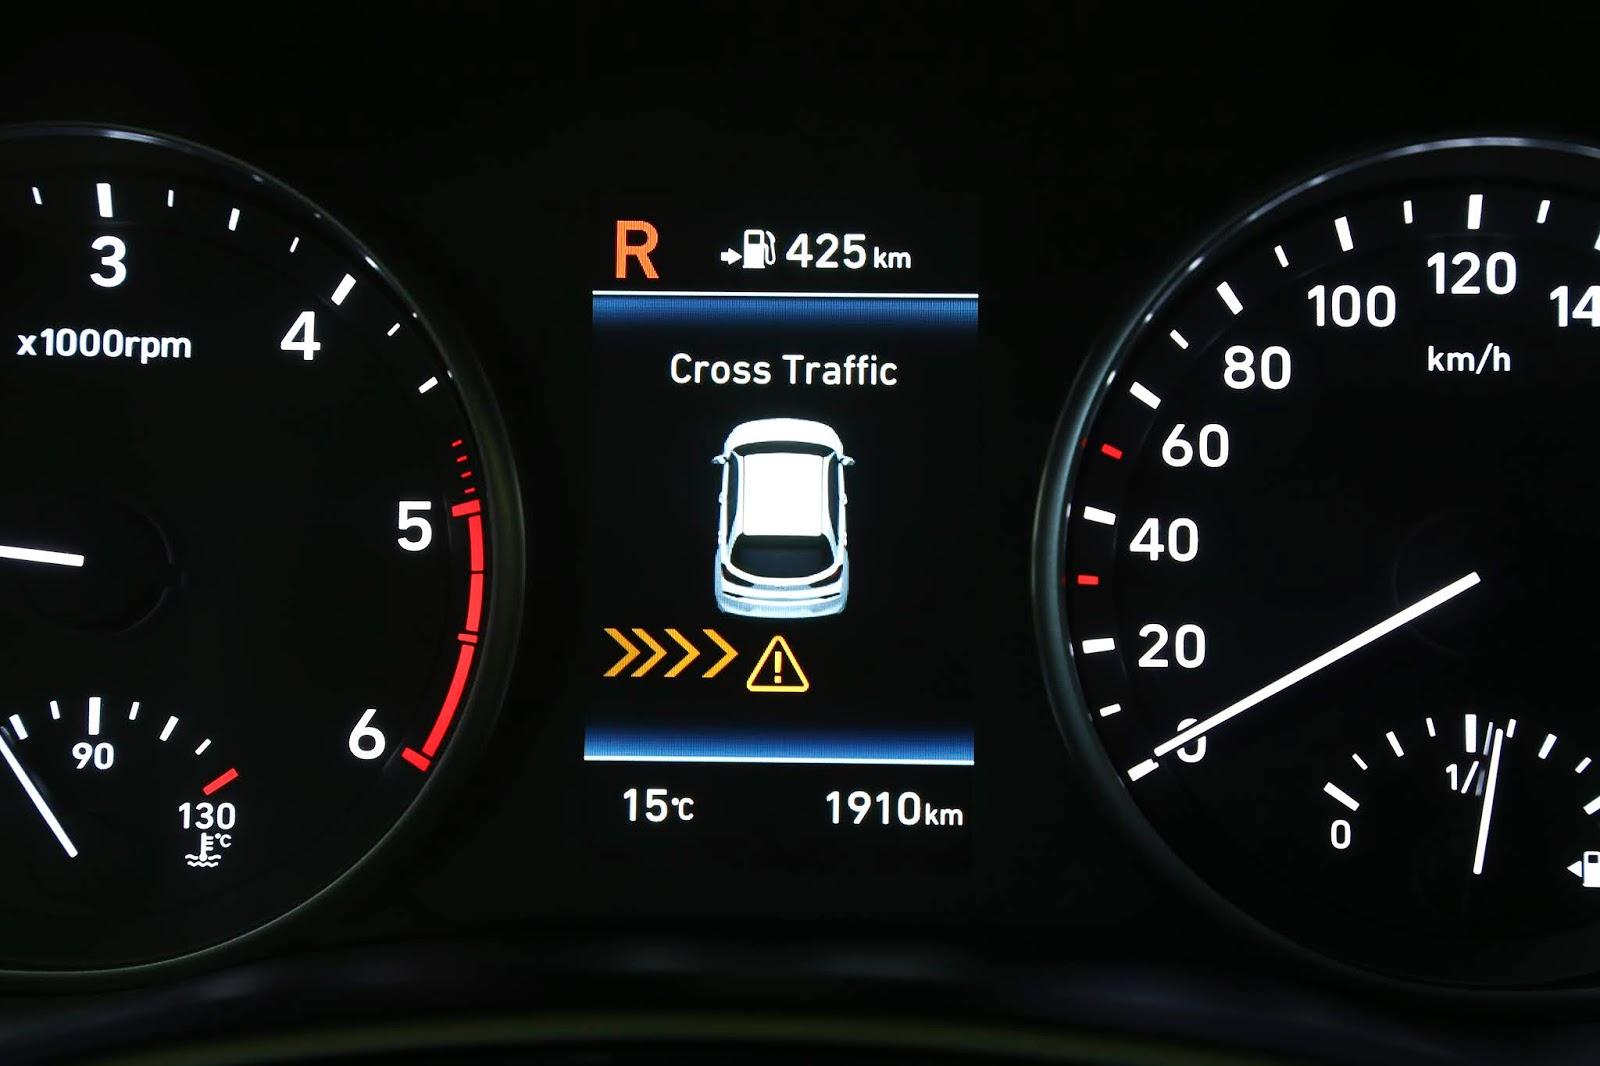 new generation i30 interior 18 hires Για πρώτη φορά σε έκδοση N Line το Hyundai i30 Hyundai, Hyundai i30, ειδήσεις, καινούργιο, καινούρια, καινούριο